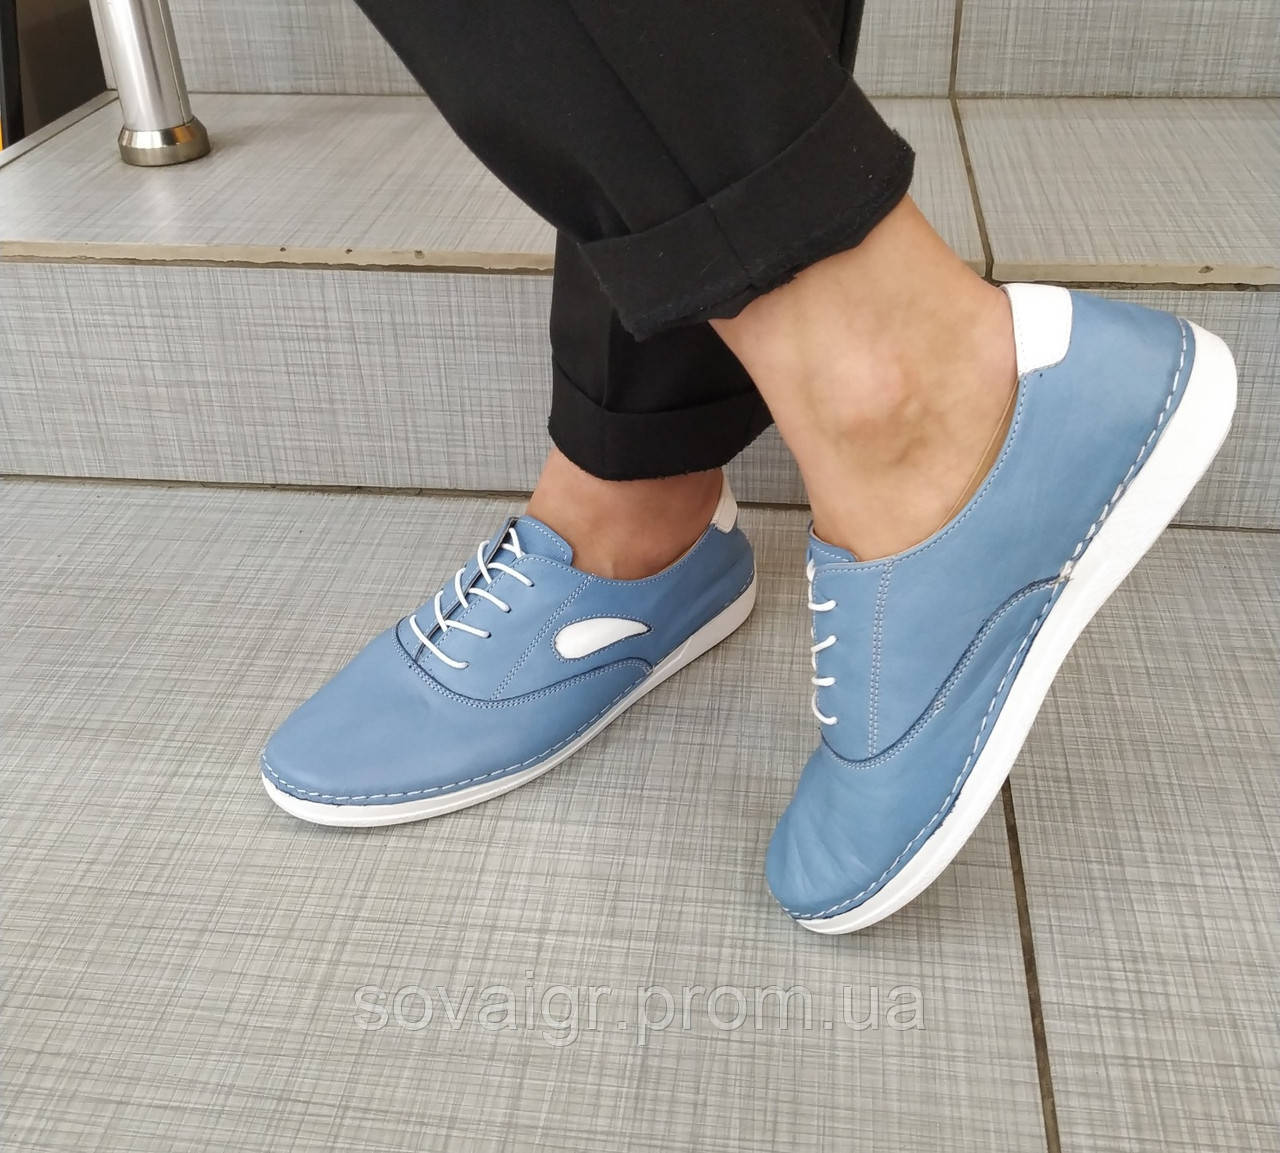 Подростковые кожаные спортивные туфли для девочек G-Style